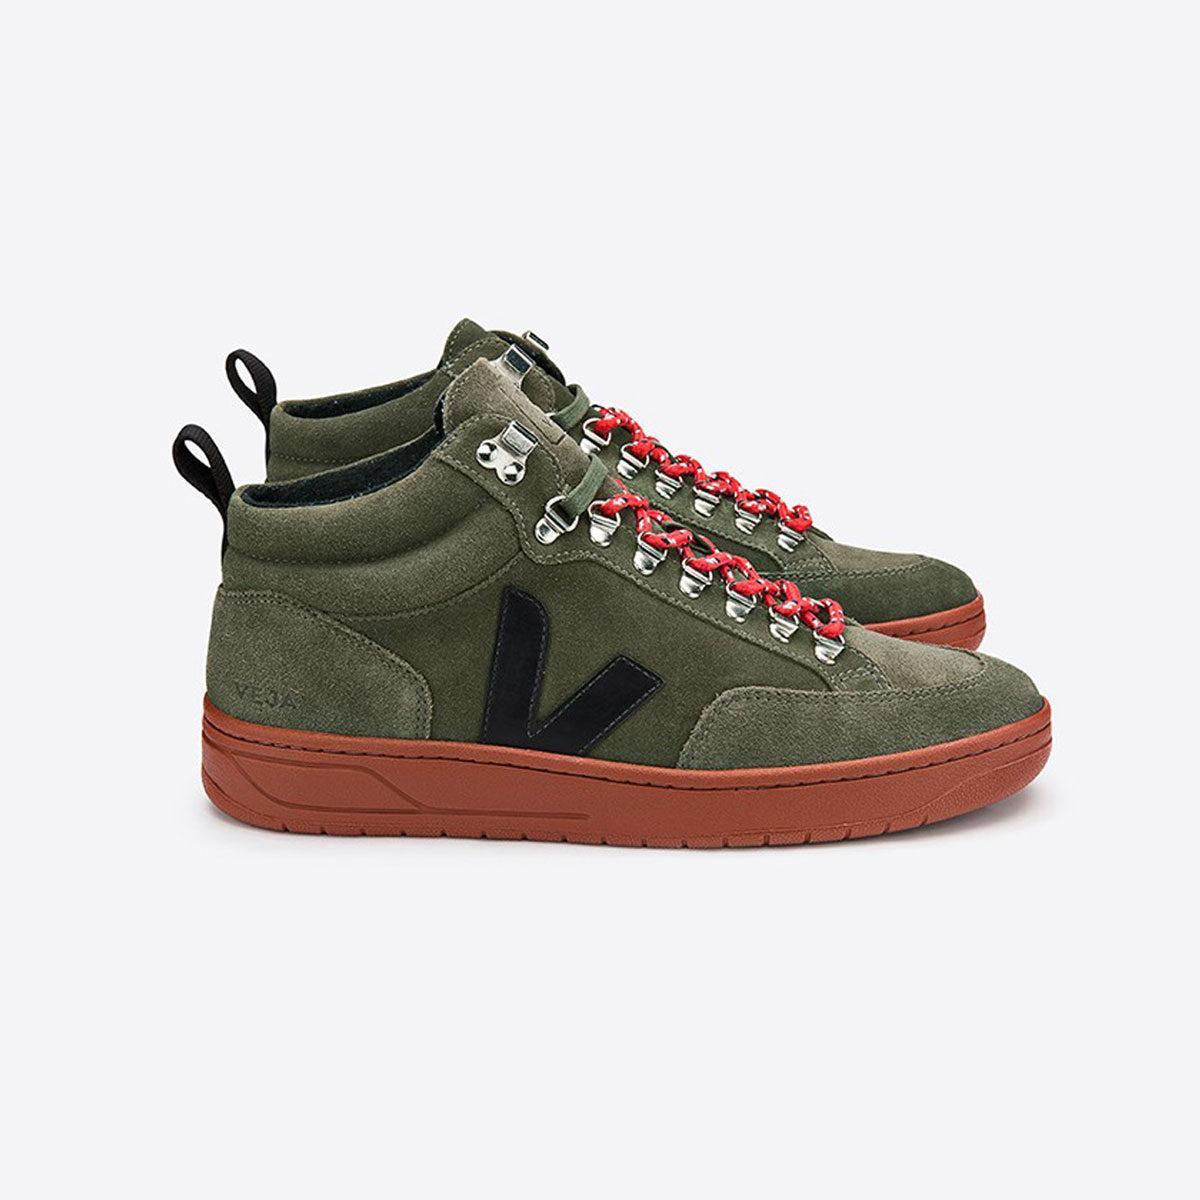 veja roraims suede sneakers high top